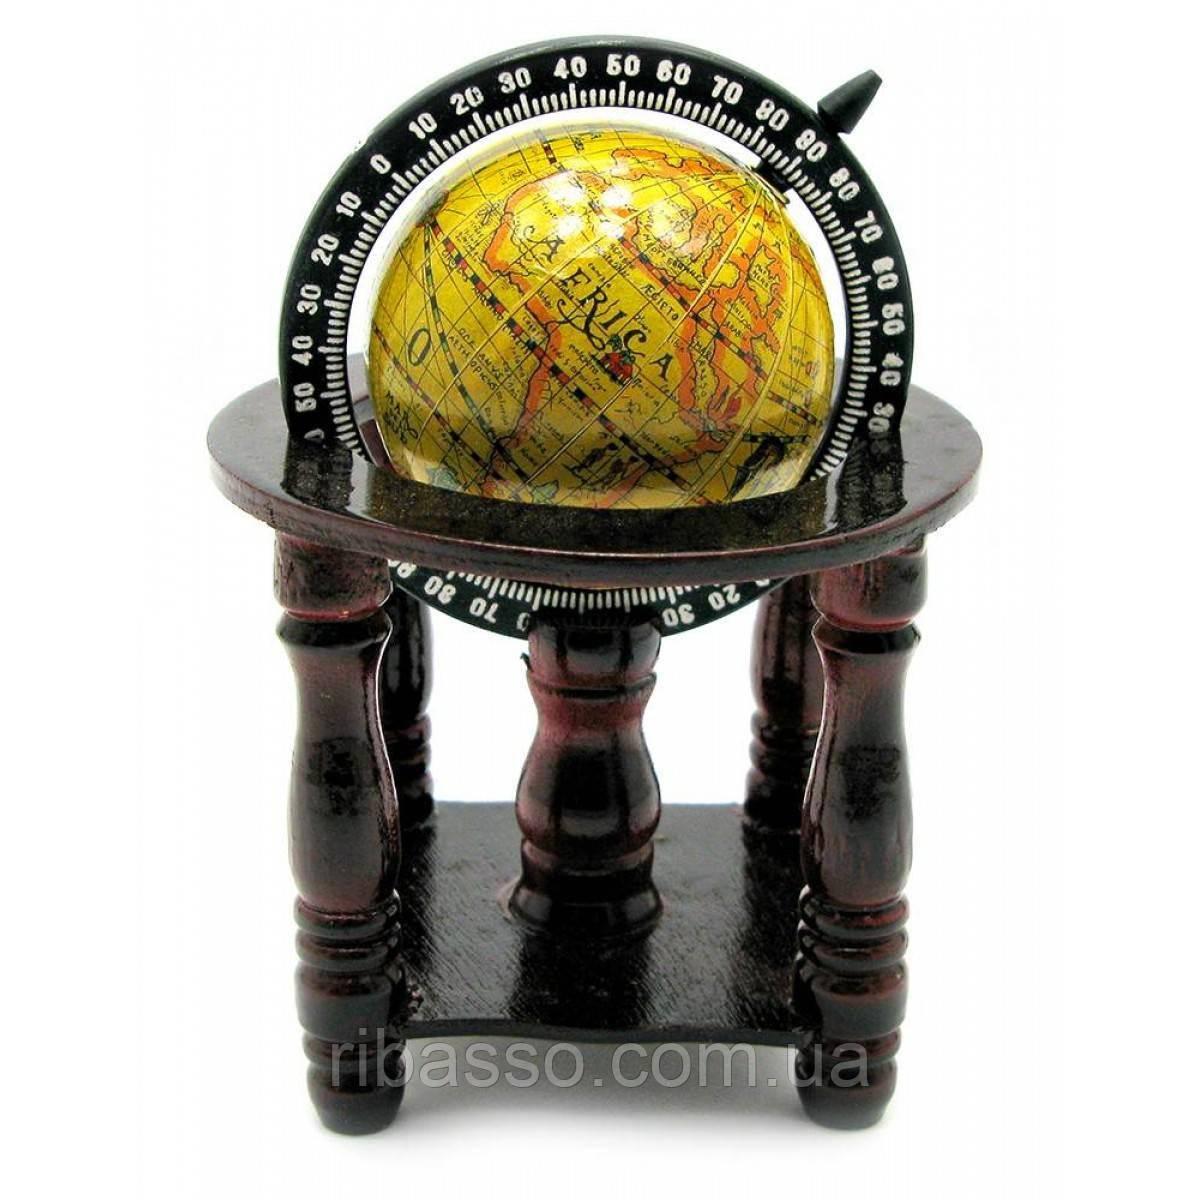 Глобус на подставке 13,5х10х10 см 18736